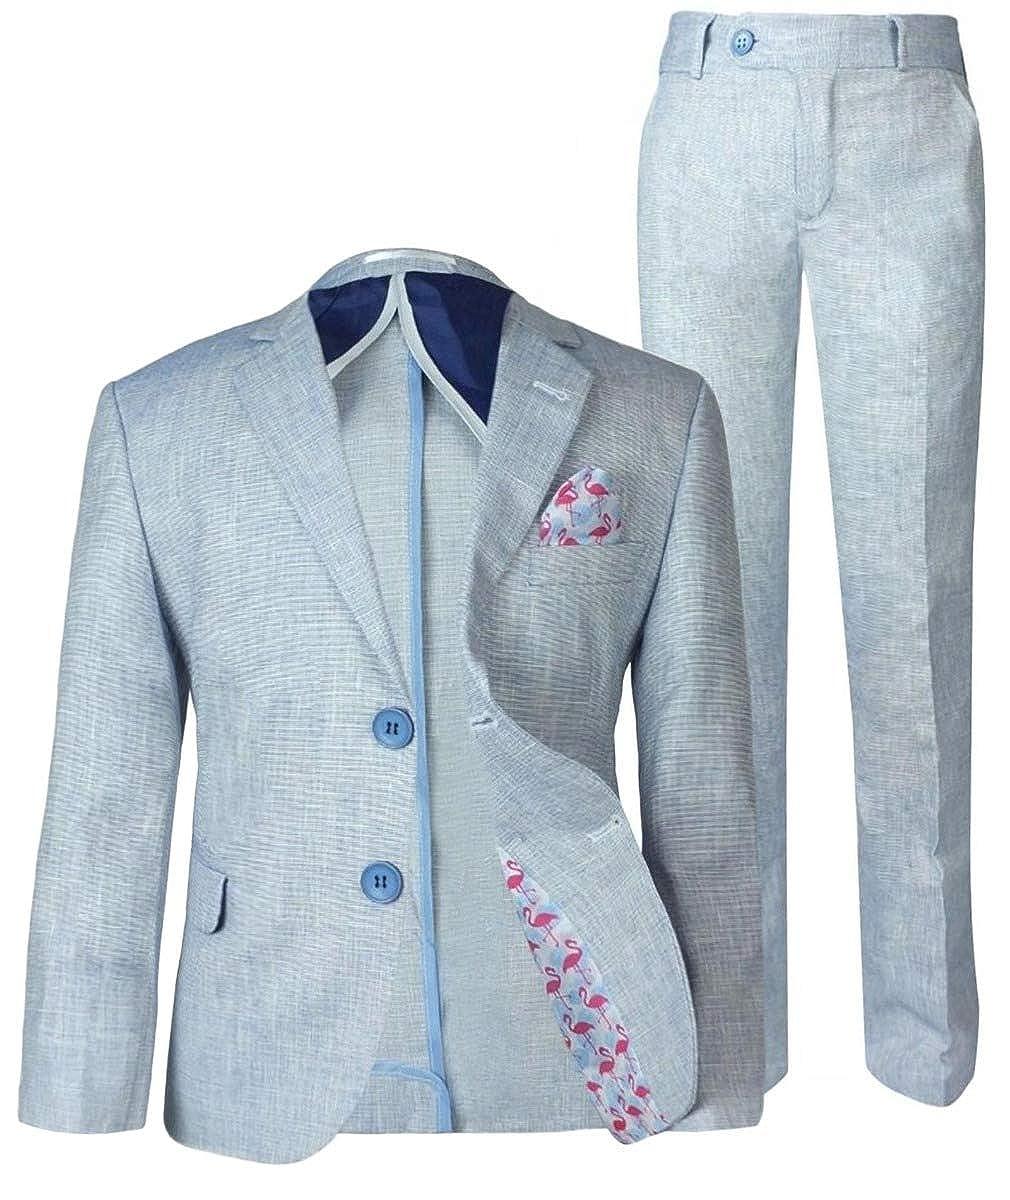 Boys Linen Casual Suits Page Boy Kids Summer Outfit Boy Formal Suit Boy Multi Color Linen Suit